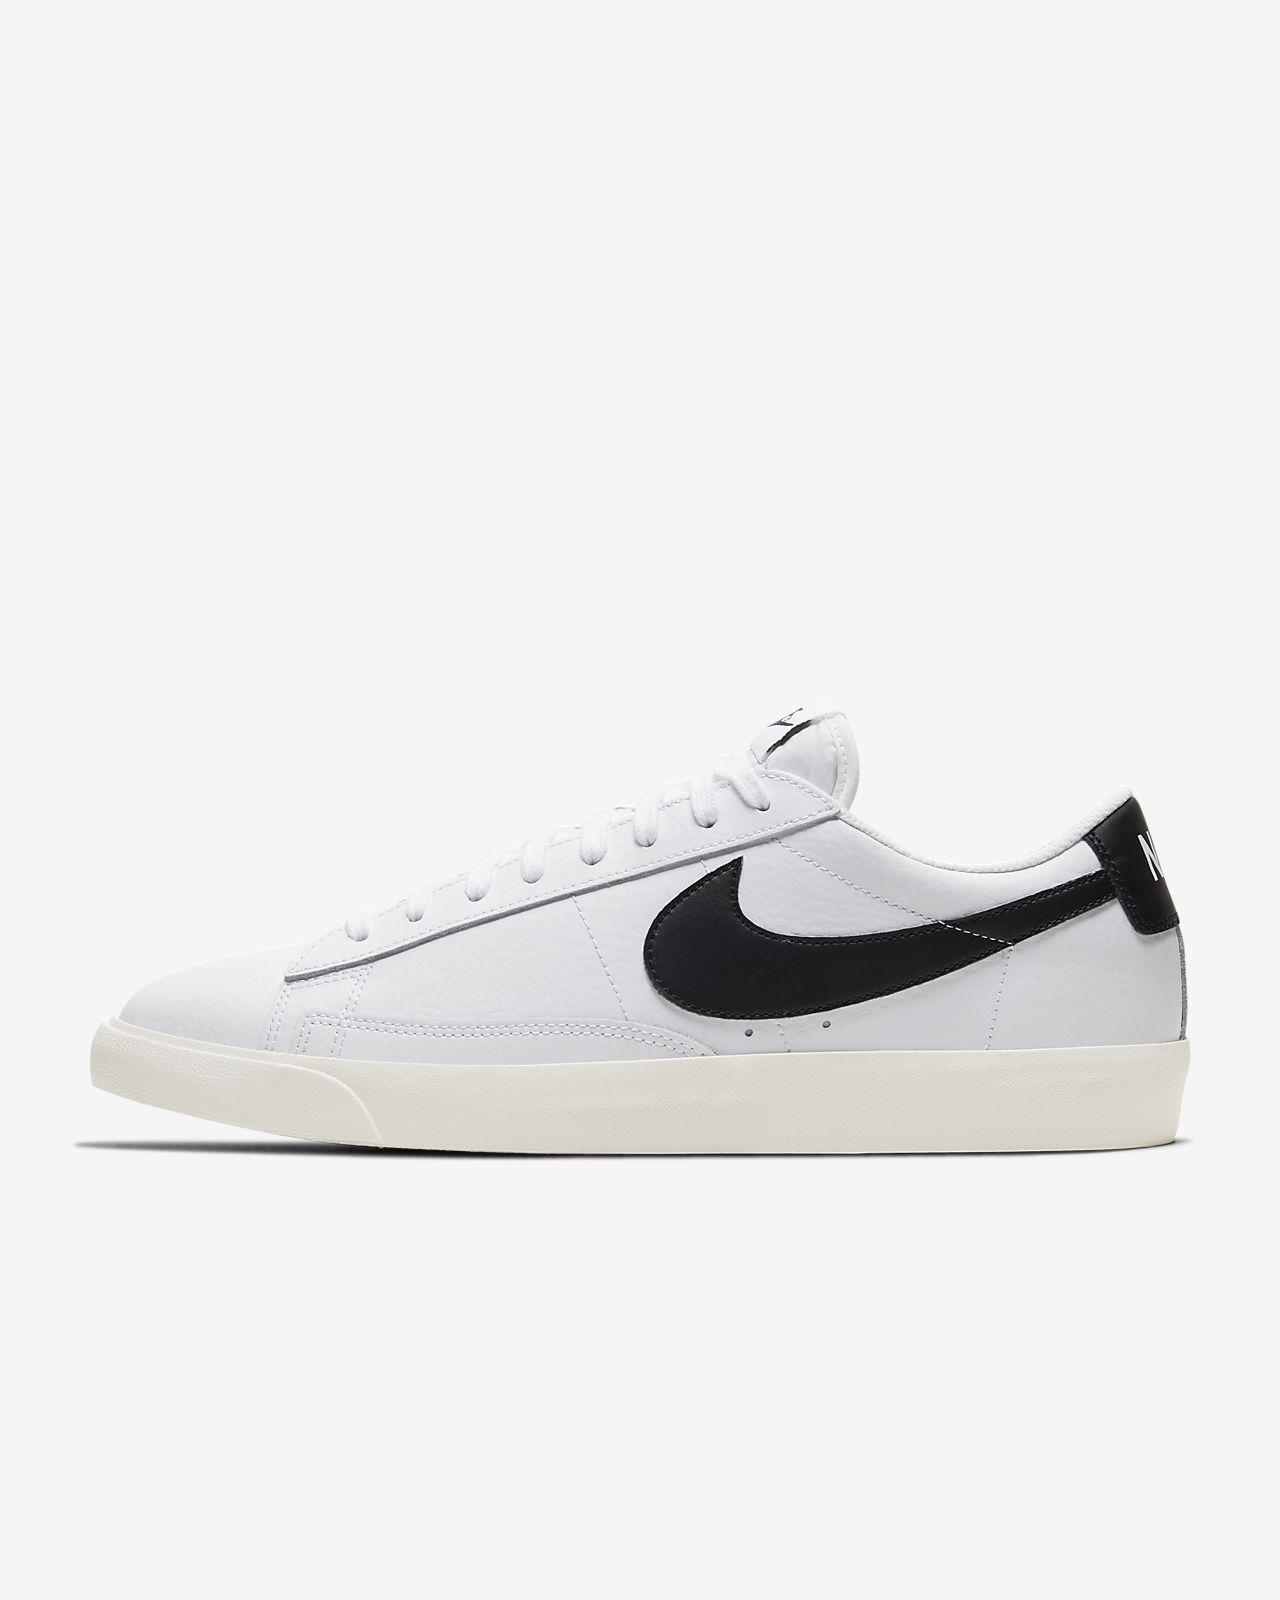 Nike Blazer Low Leather 男子运动鞋